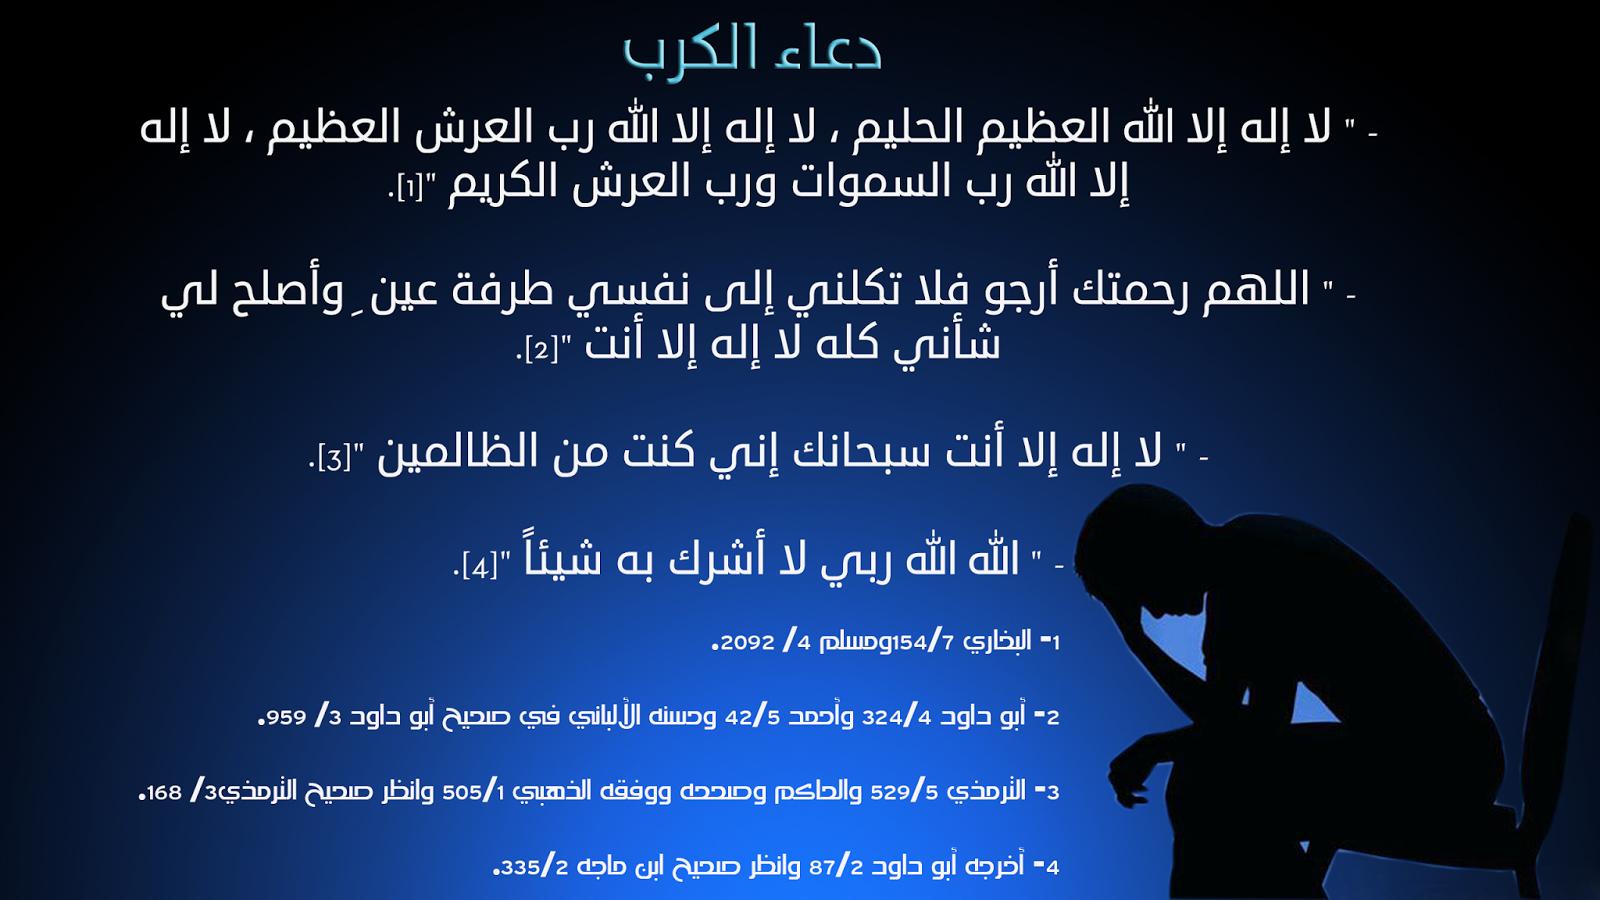 دعاء الكرب الدعوة الى الله عز وجل Blog Posts Quotes Blog